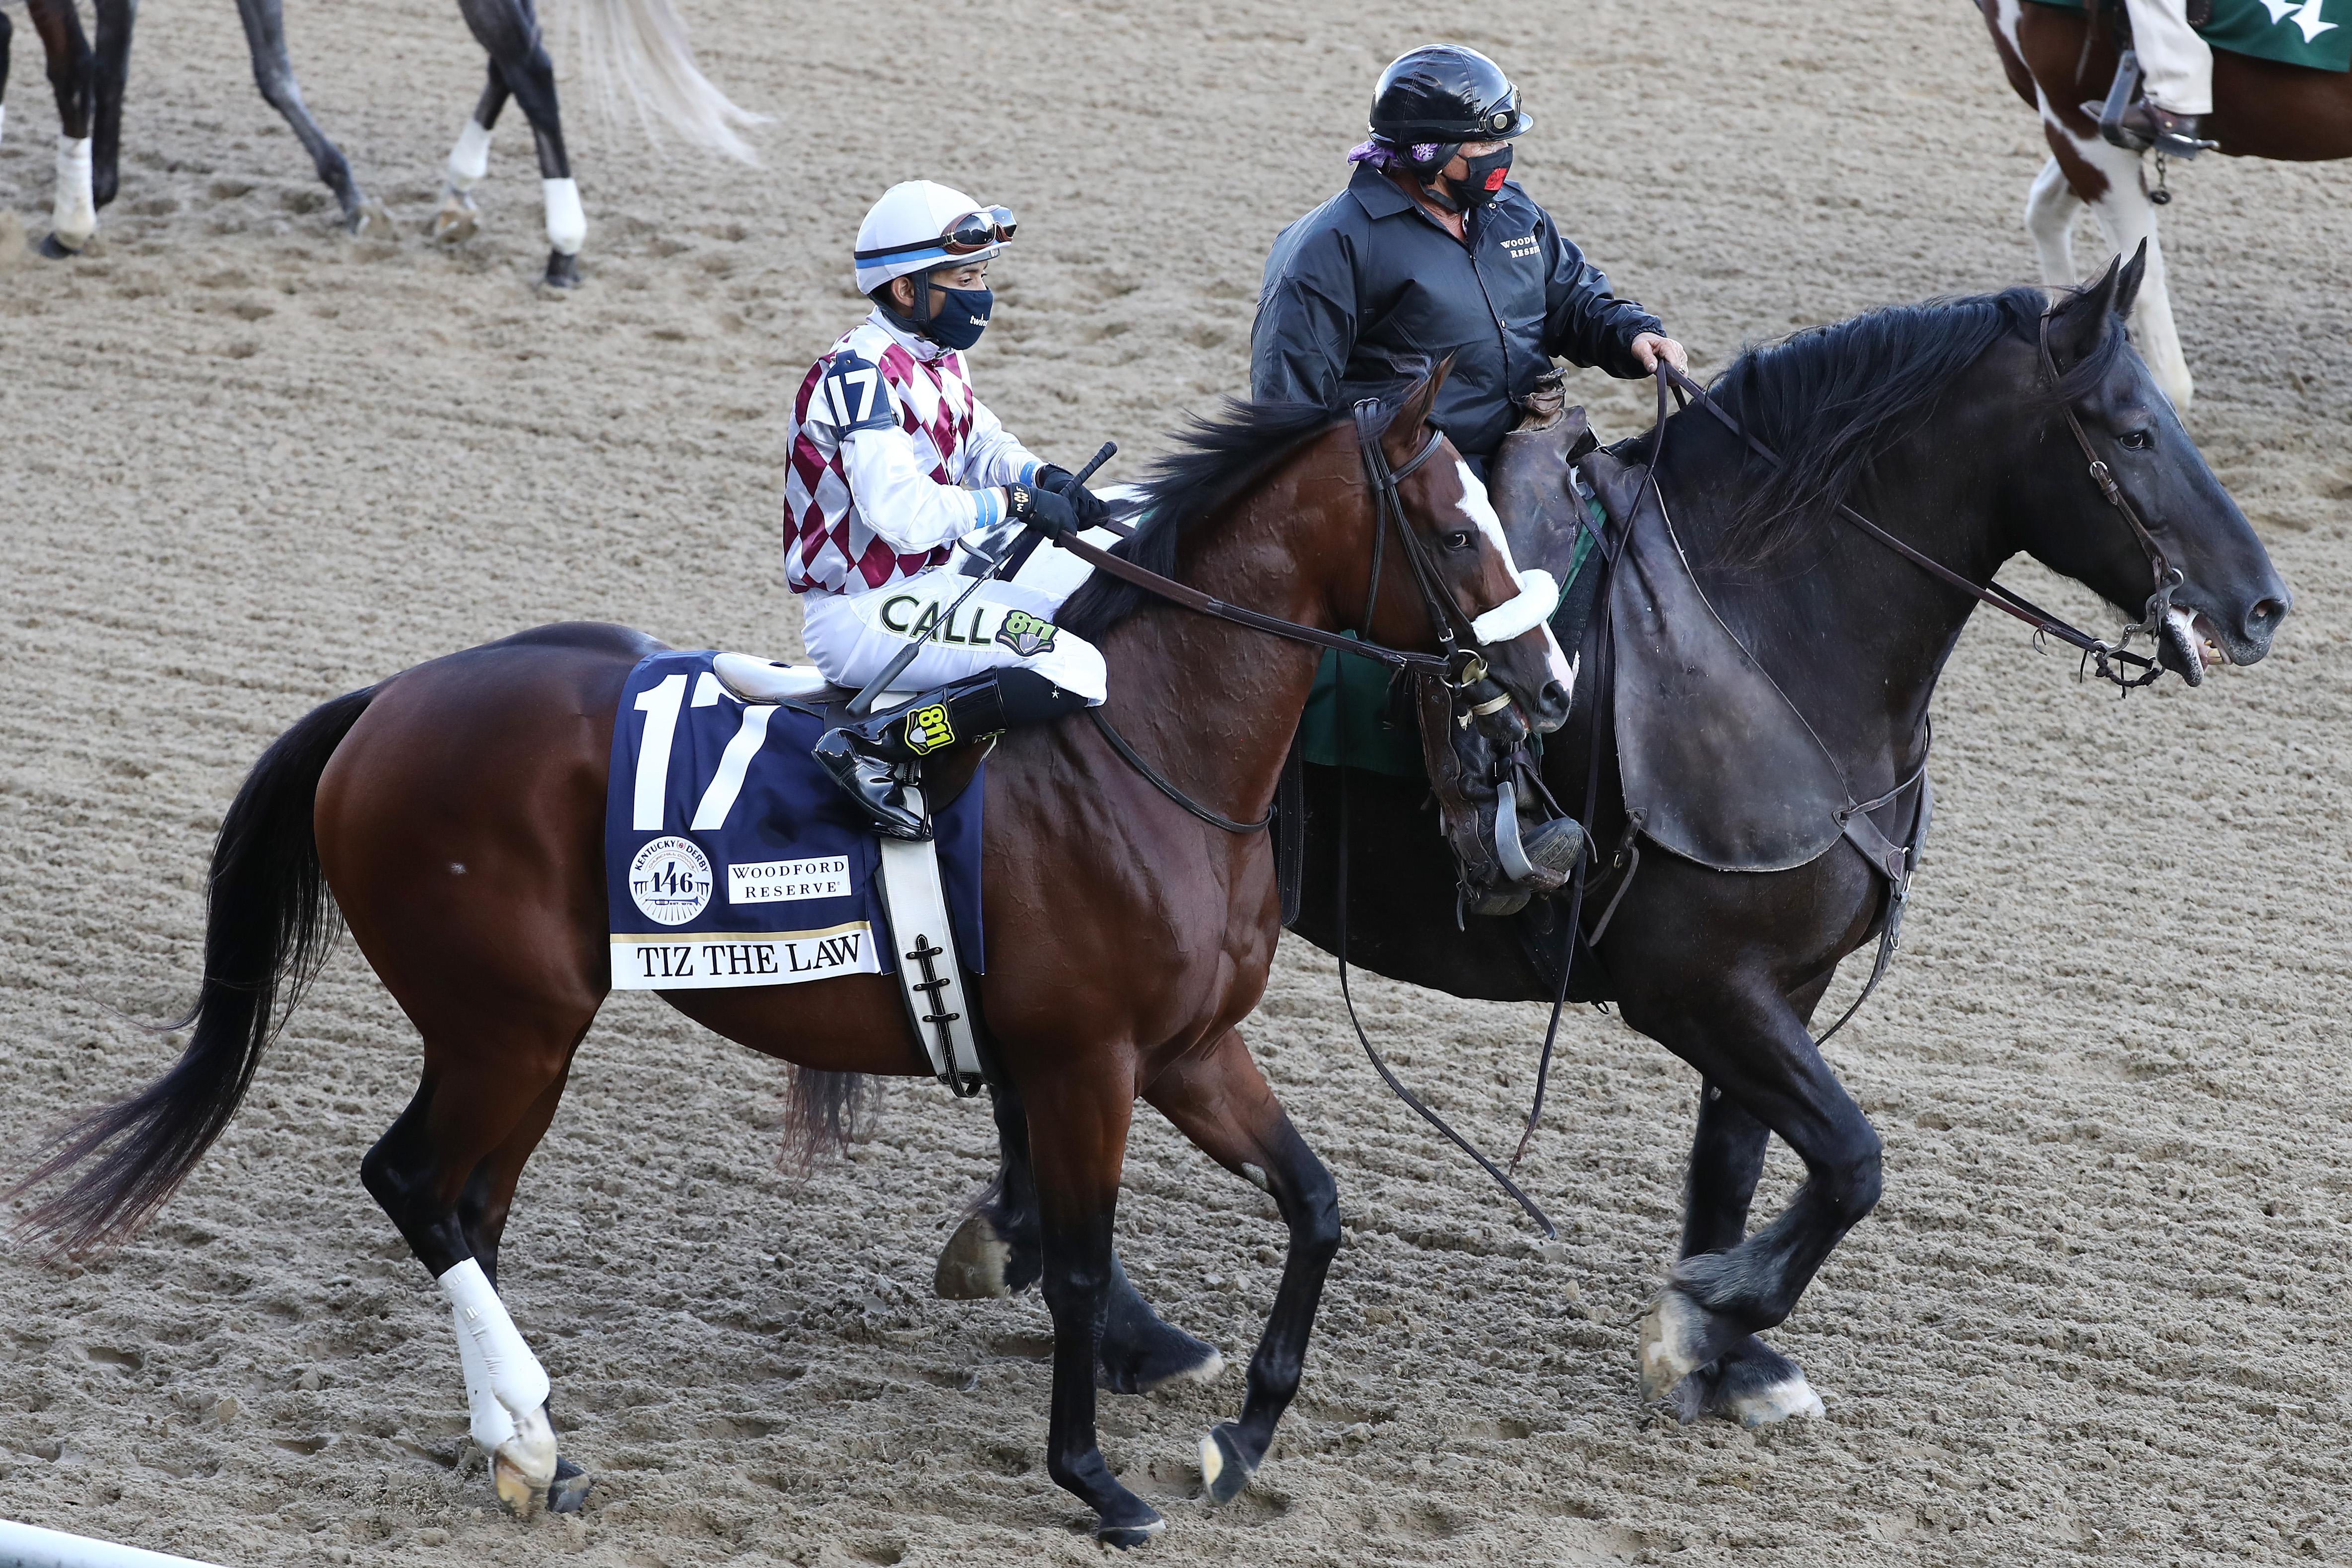 Tiz法律#17,骑骑士曼尼佛朗哥在肯塔基州9月5日在肯塔基州路易斯维尔的第146次在丘吉尔·德比队的第146次奔跑的第146次奔跑时骑行。